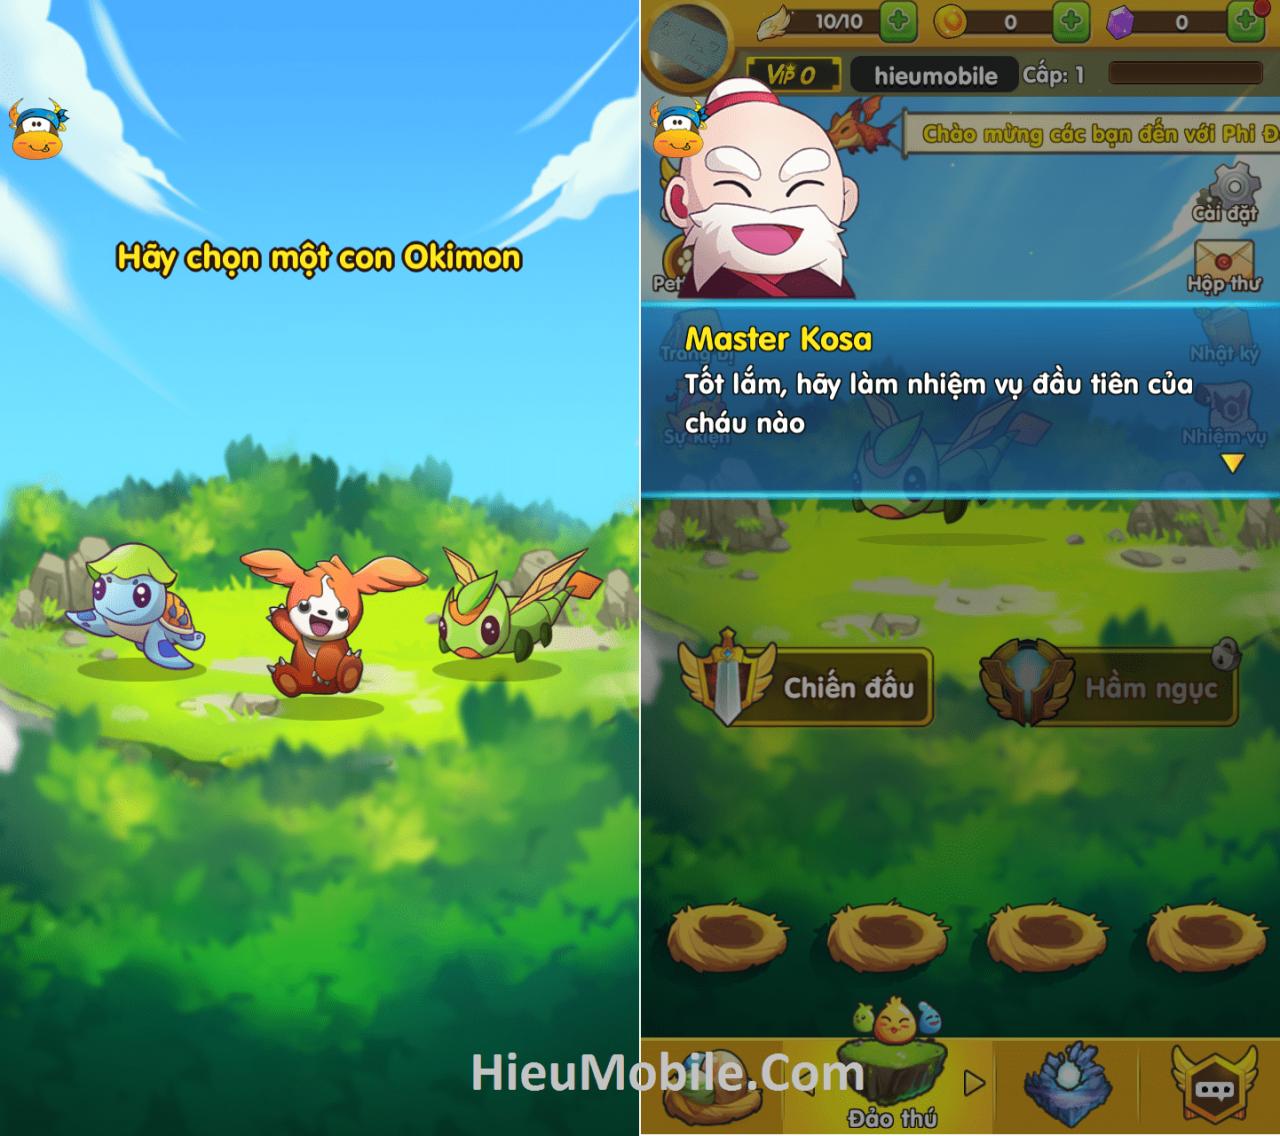 Hình ảnh AVnSdVA 1 của Tải game Phi Đội Mobile - Bay bắn thú cưng hấp dẫn tại HieuMobile